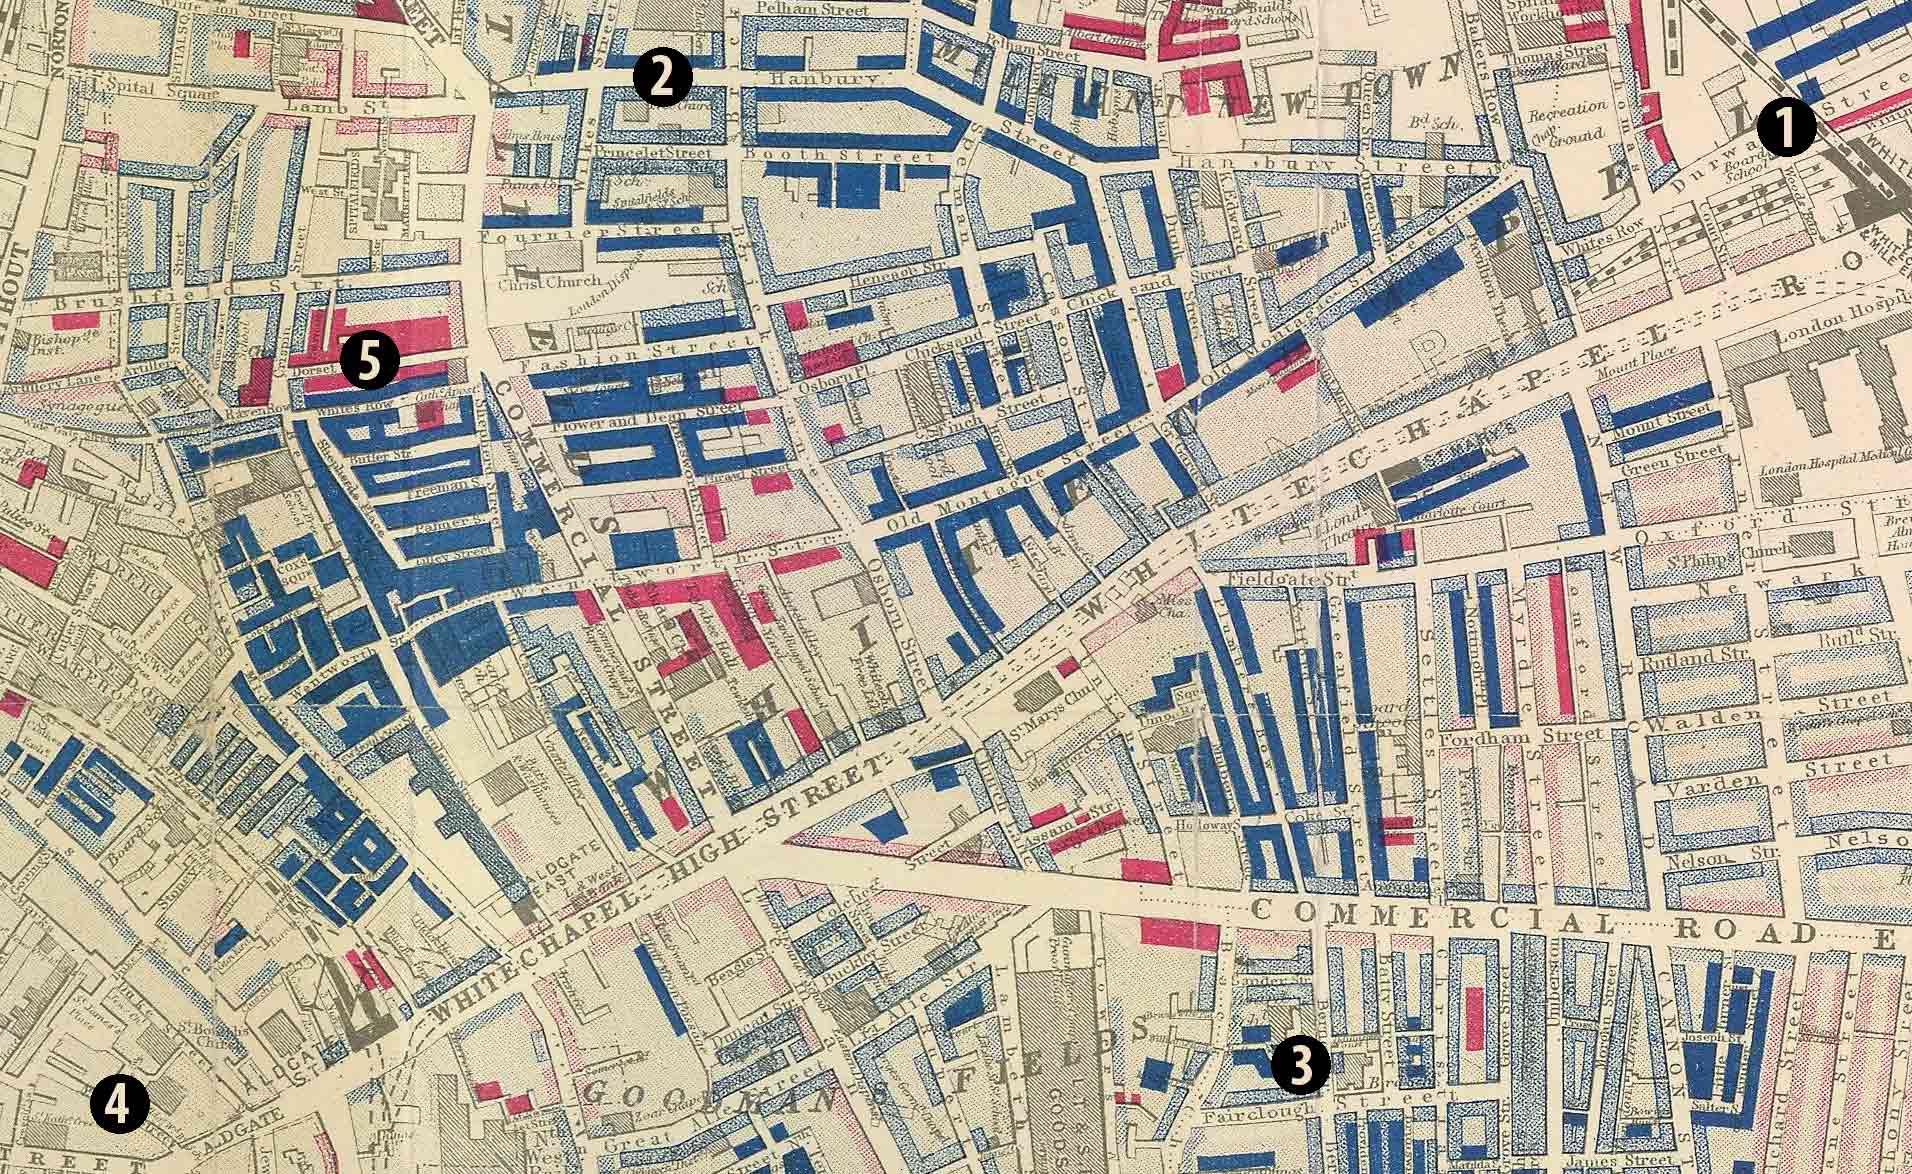 Карта району Іст-Енд, 1889 рік. Синіми прямокутниками позначено розселення єврейської громади (інтенсивність заштриховки пропорційна відсотку їх присутності) © The Map House